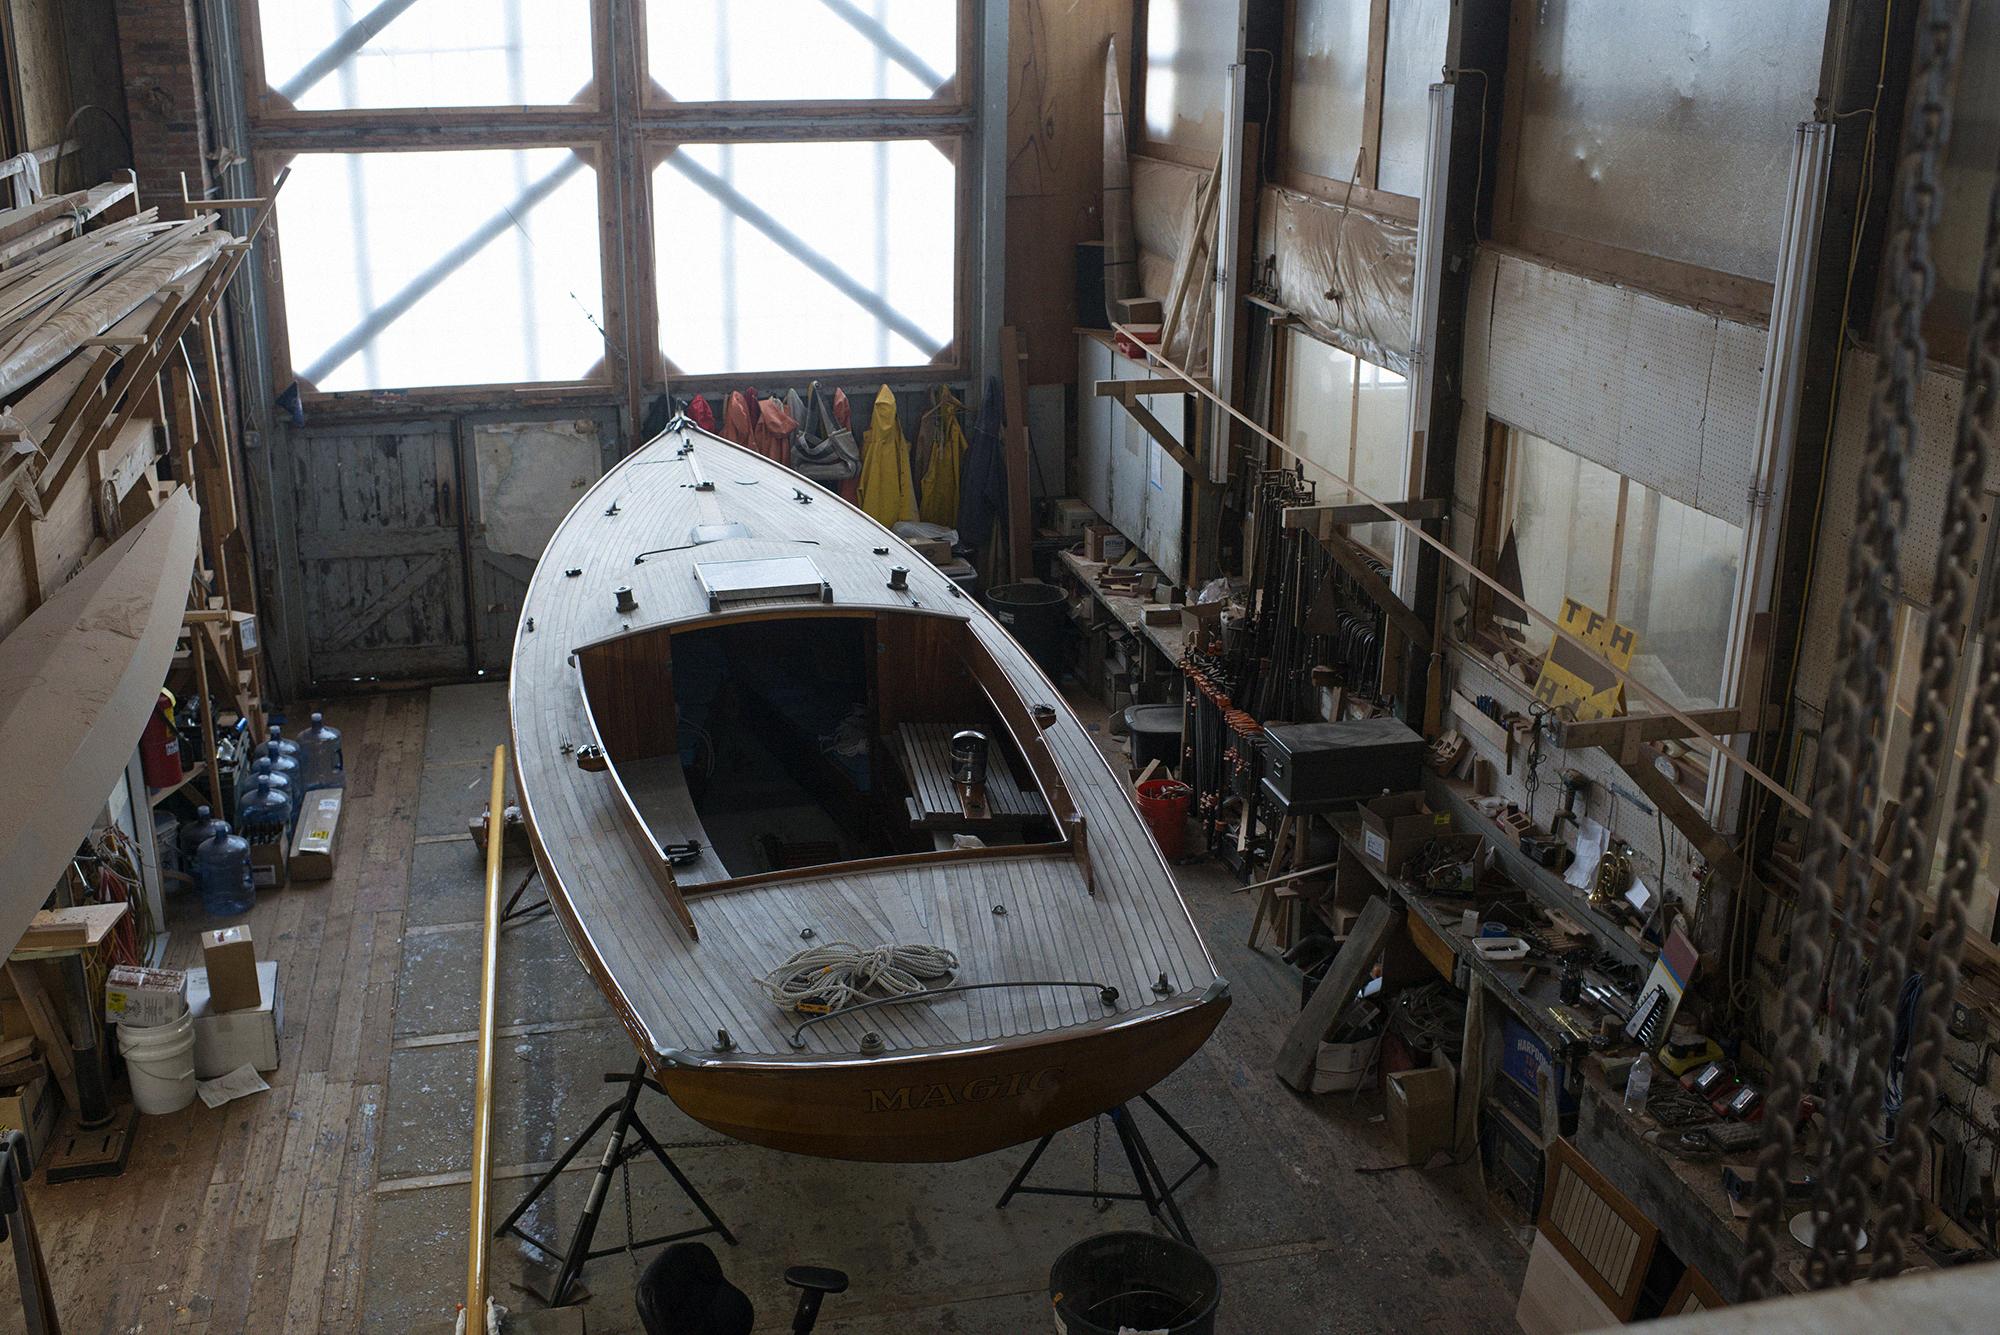 pease_boat_001.jpg